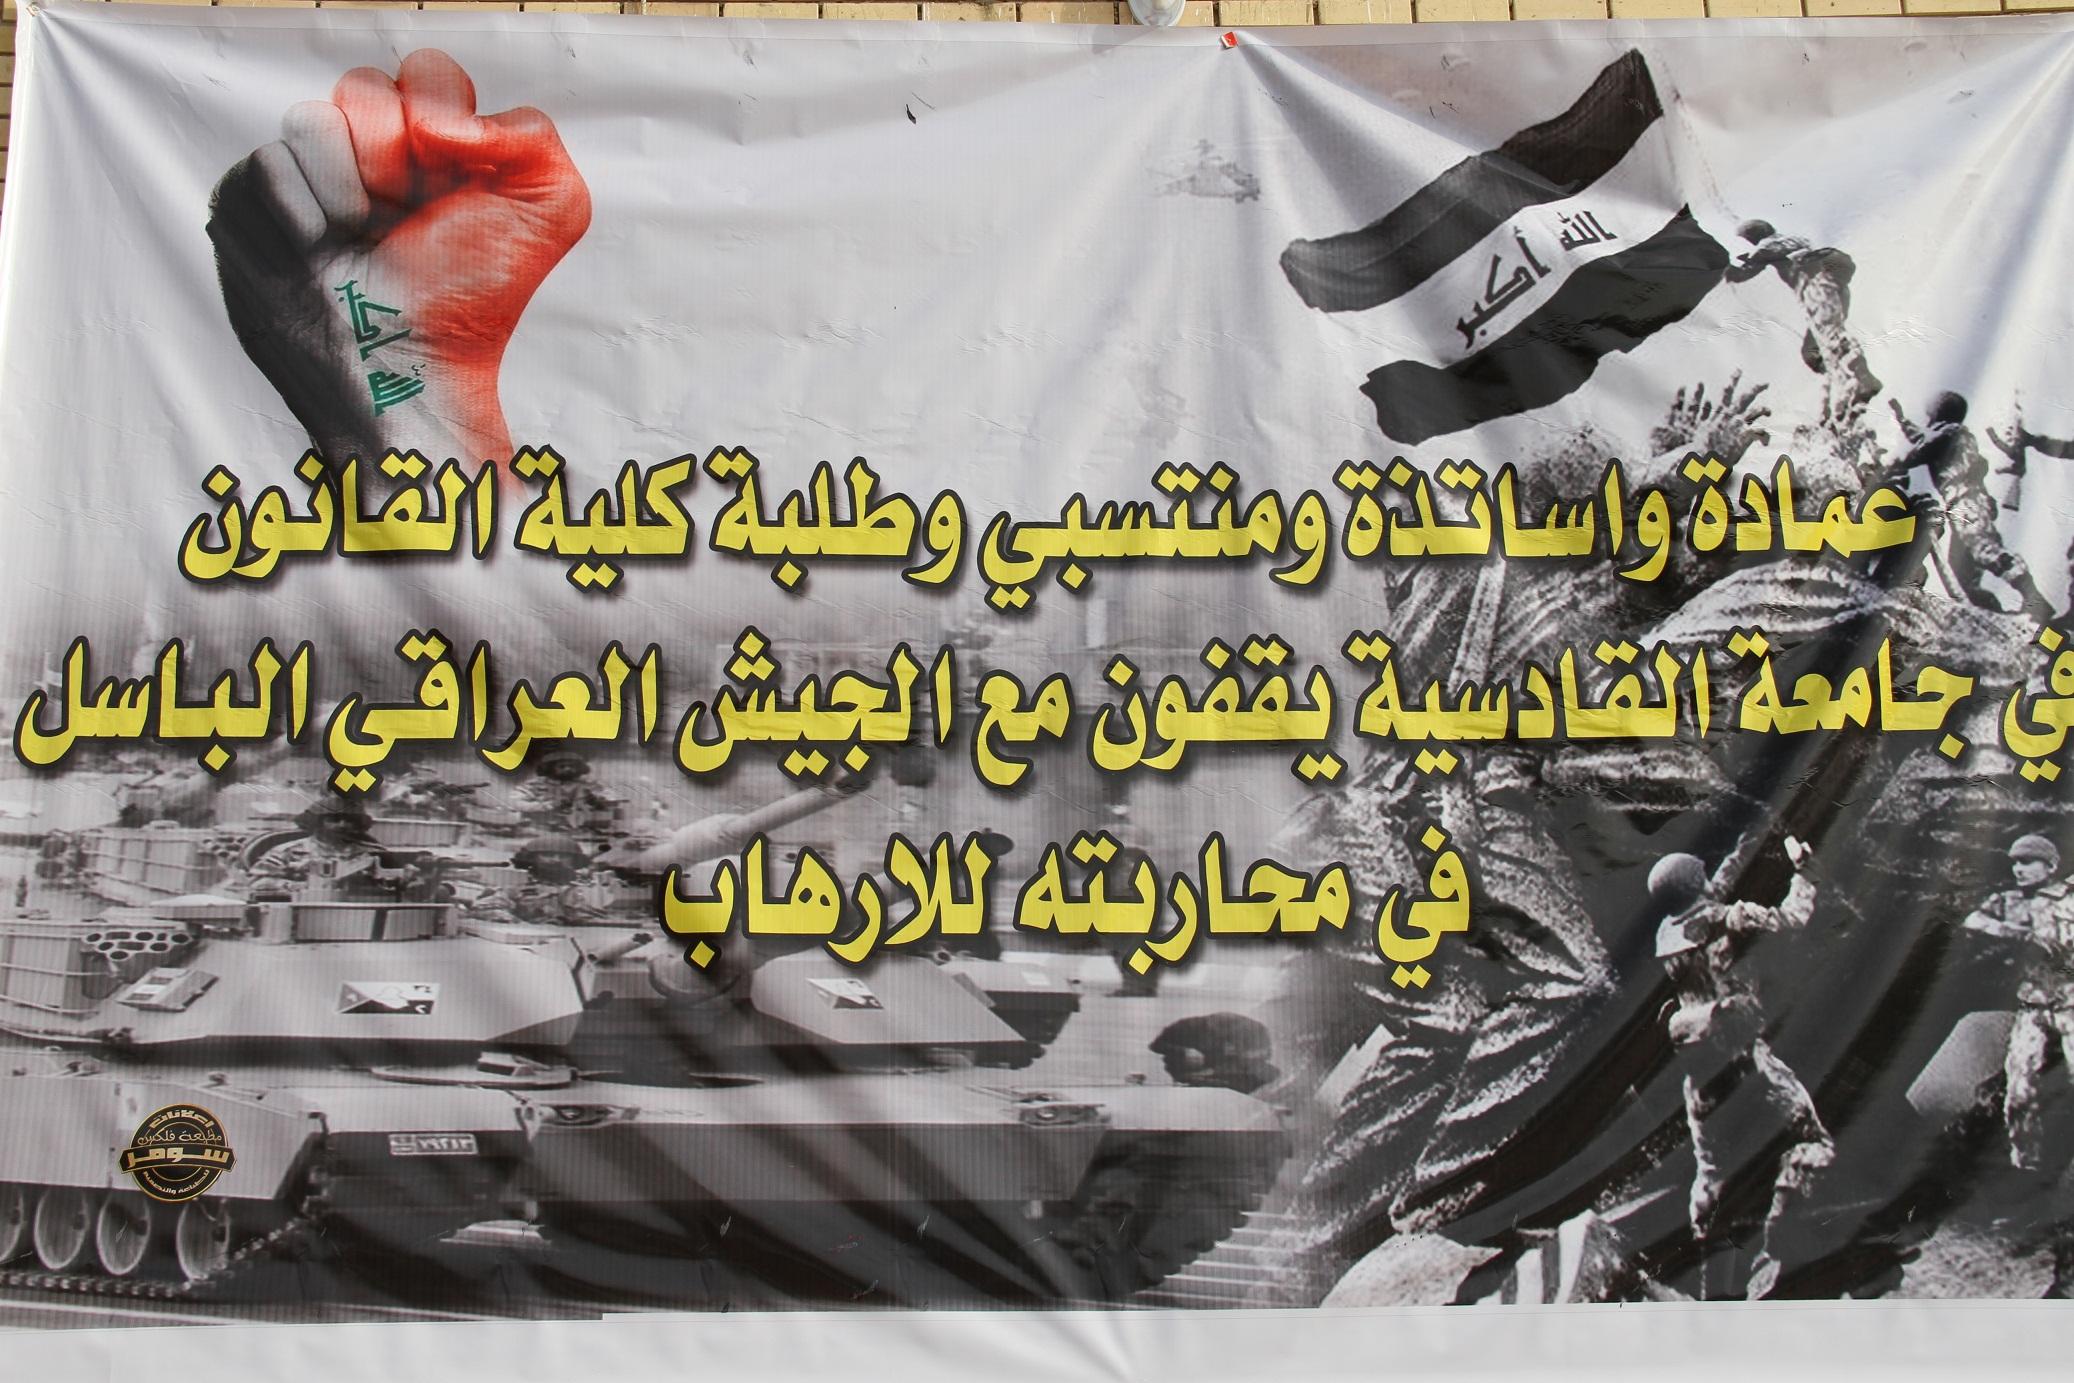 كلية القانون تخرج بتظاهرة حاشدة مؤيدة للجيش العراقي الباسل